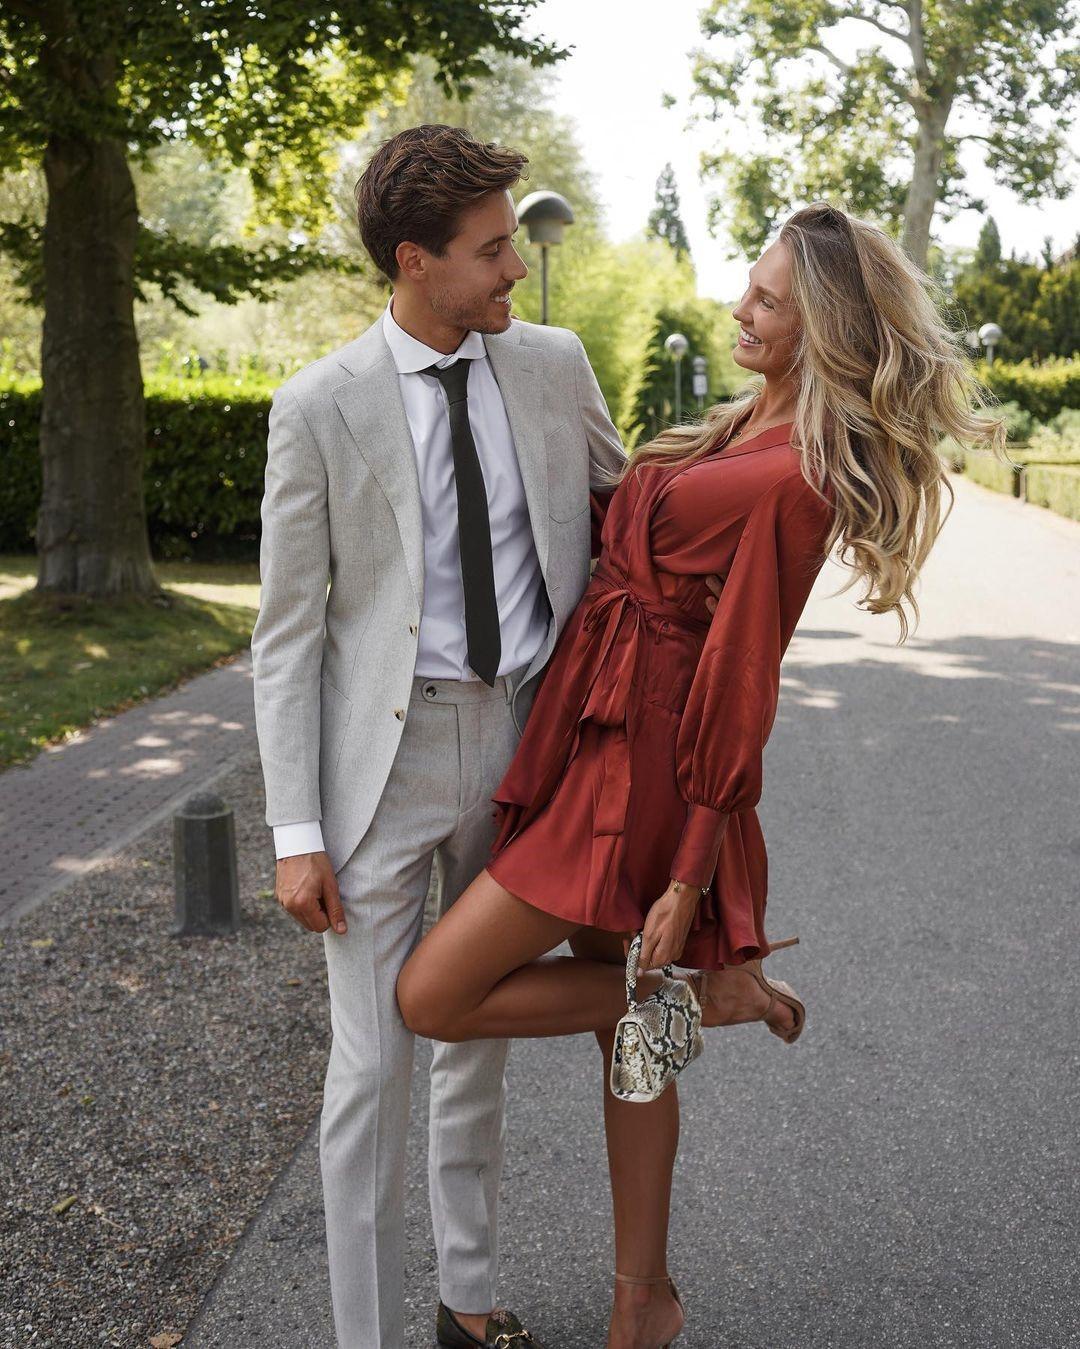 Допустимо ли замужней женщине носить откровенные наряды – мнение экспертов